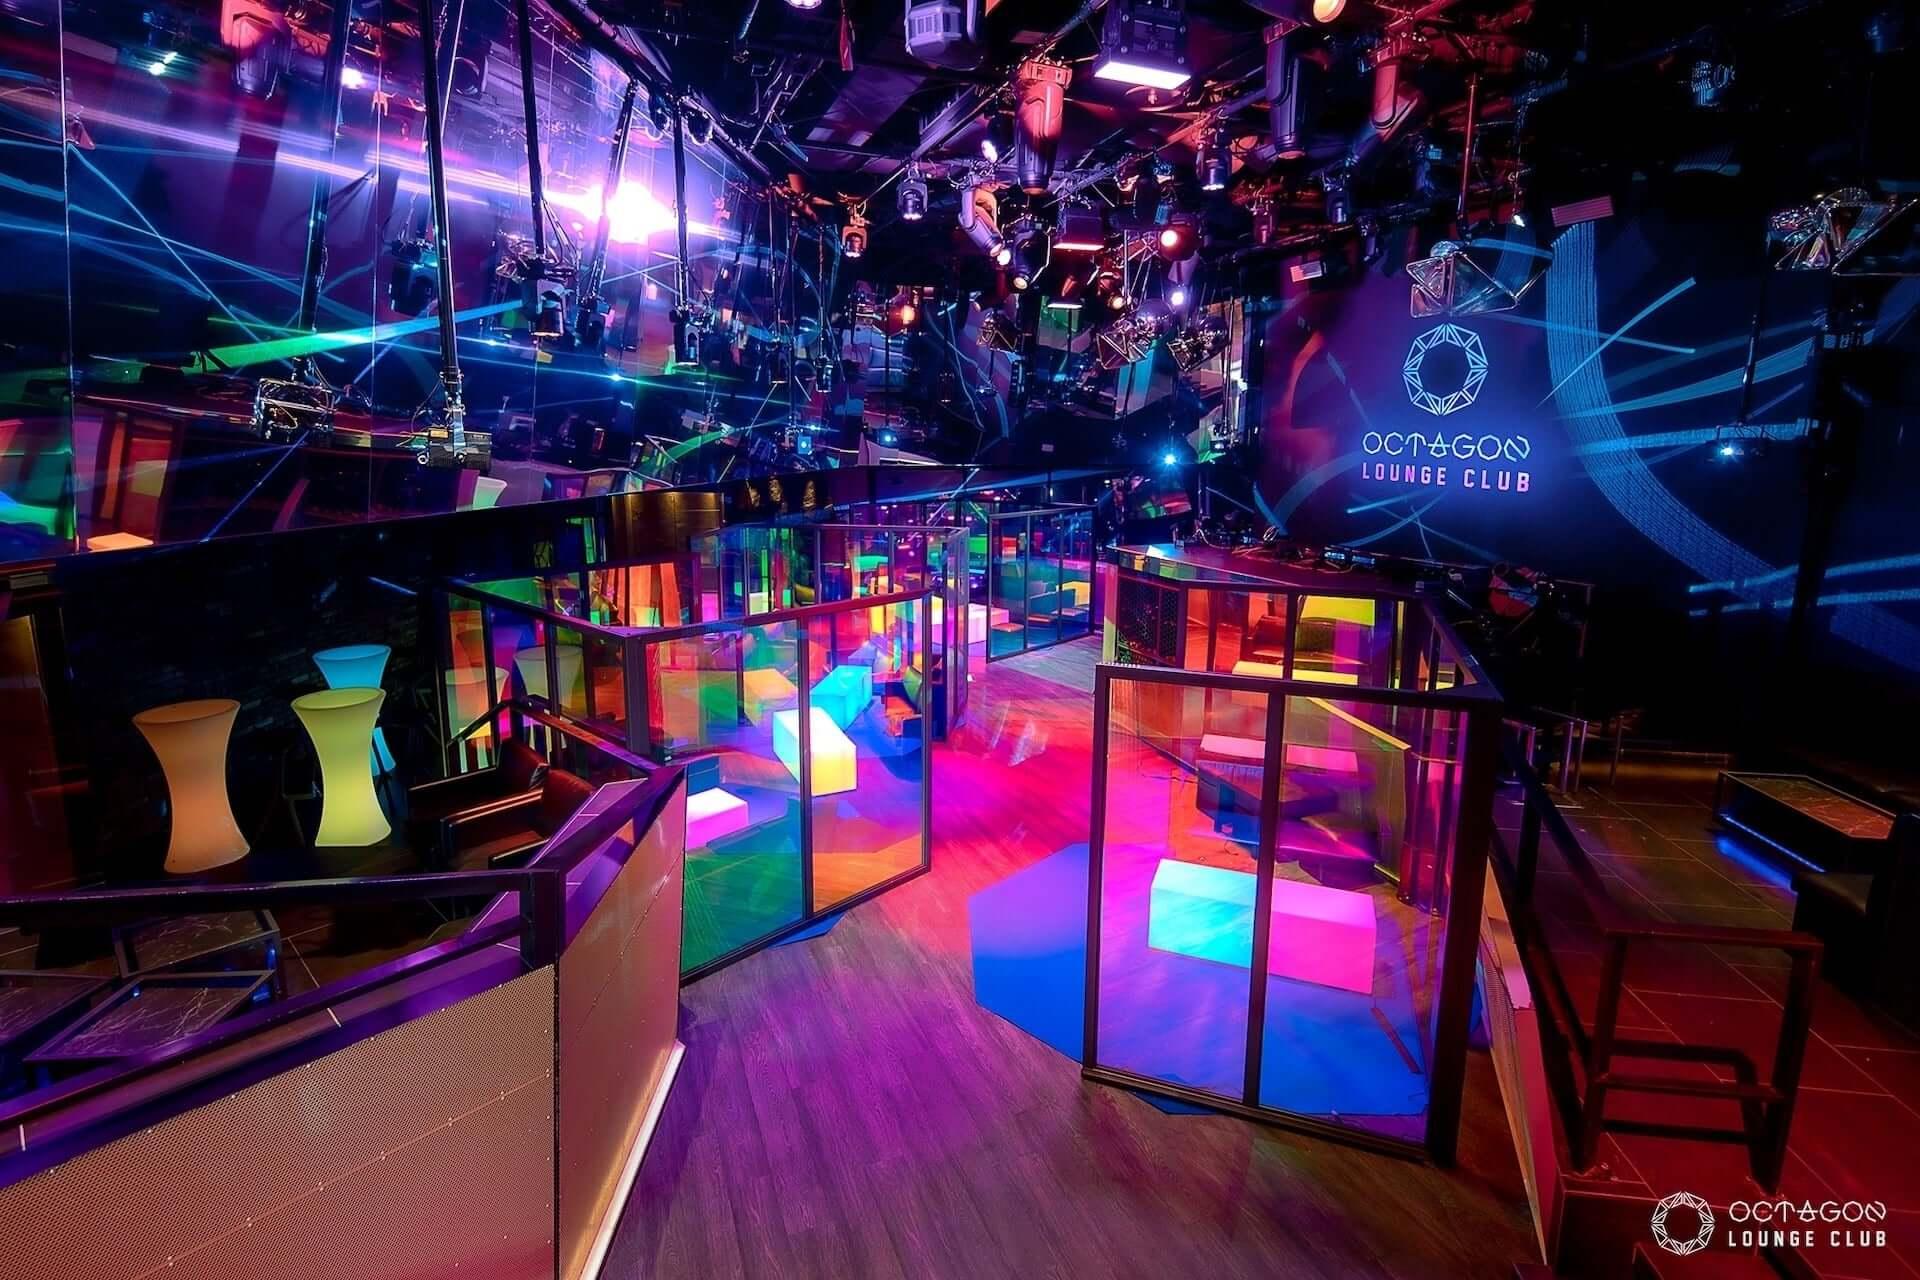 六本木「SEL OCTAGON TOKYO」が日本初のラウンジクラブとしてリニューアルオープン!個室感覚の新たなナイトライフを提案 music201006_sel-octagon-tokyo_1-1-1920x1280